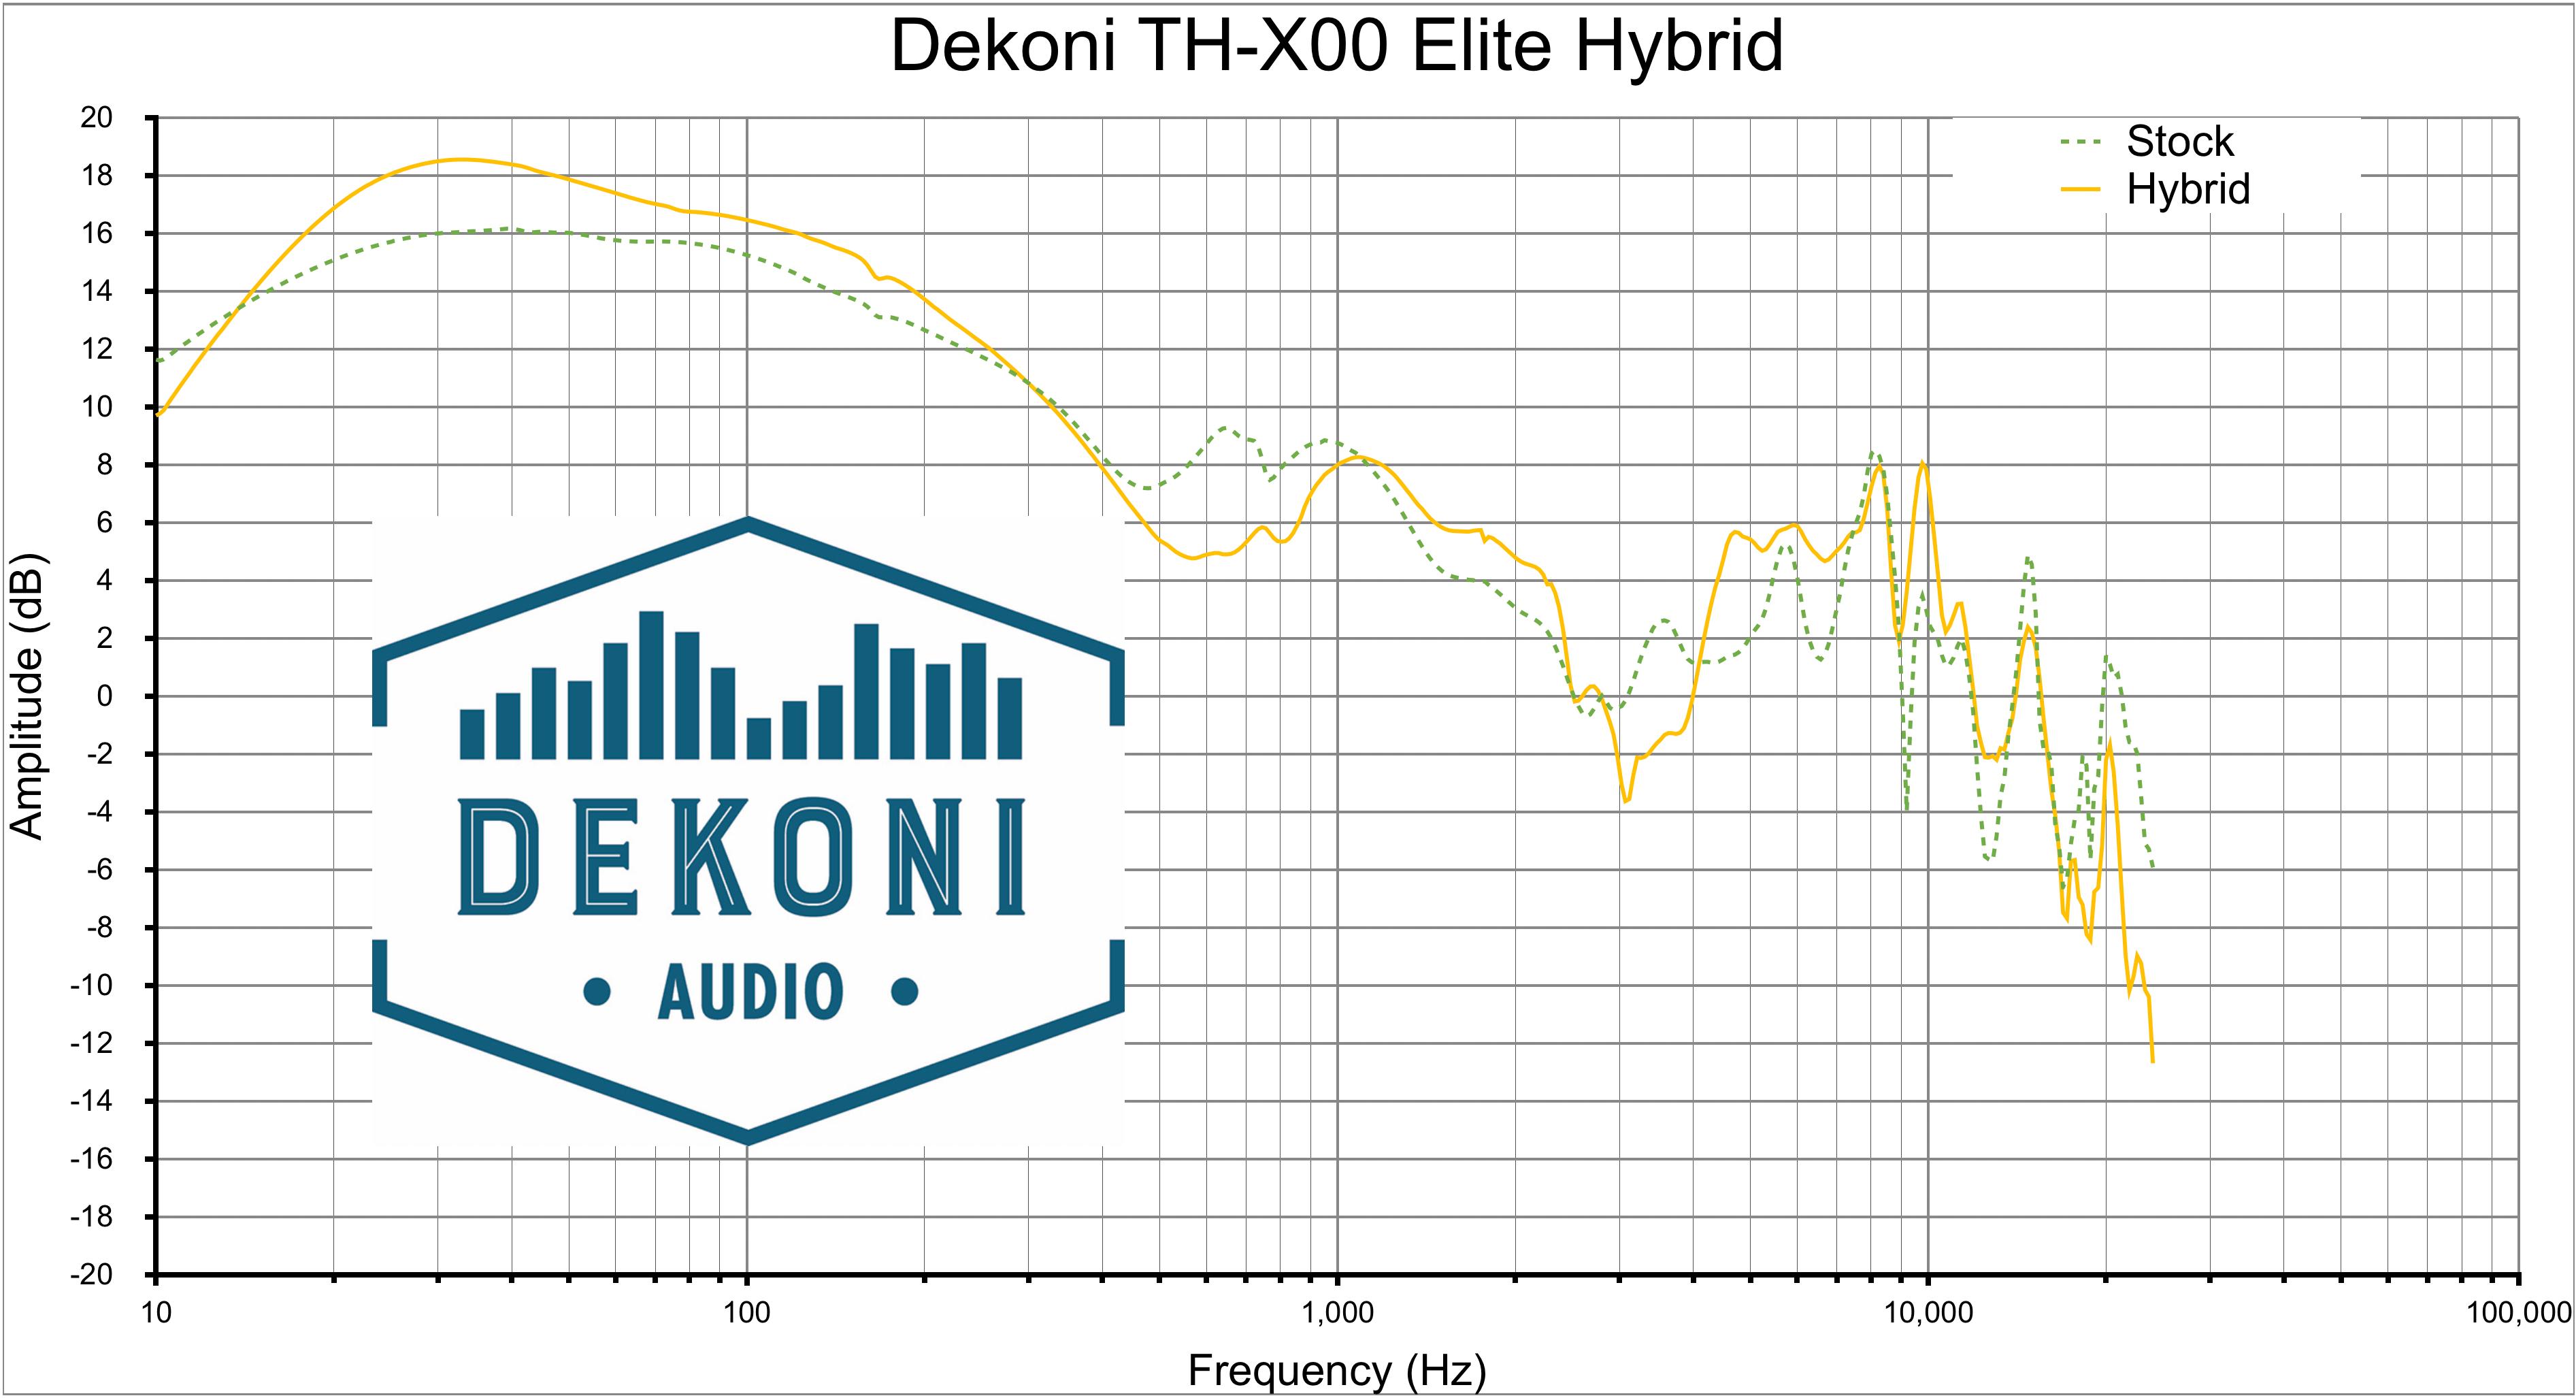 Dekoni TH-X00 Hyb